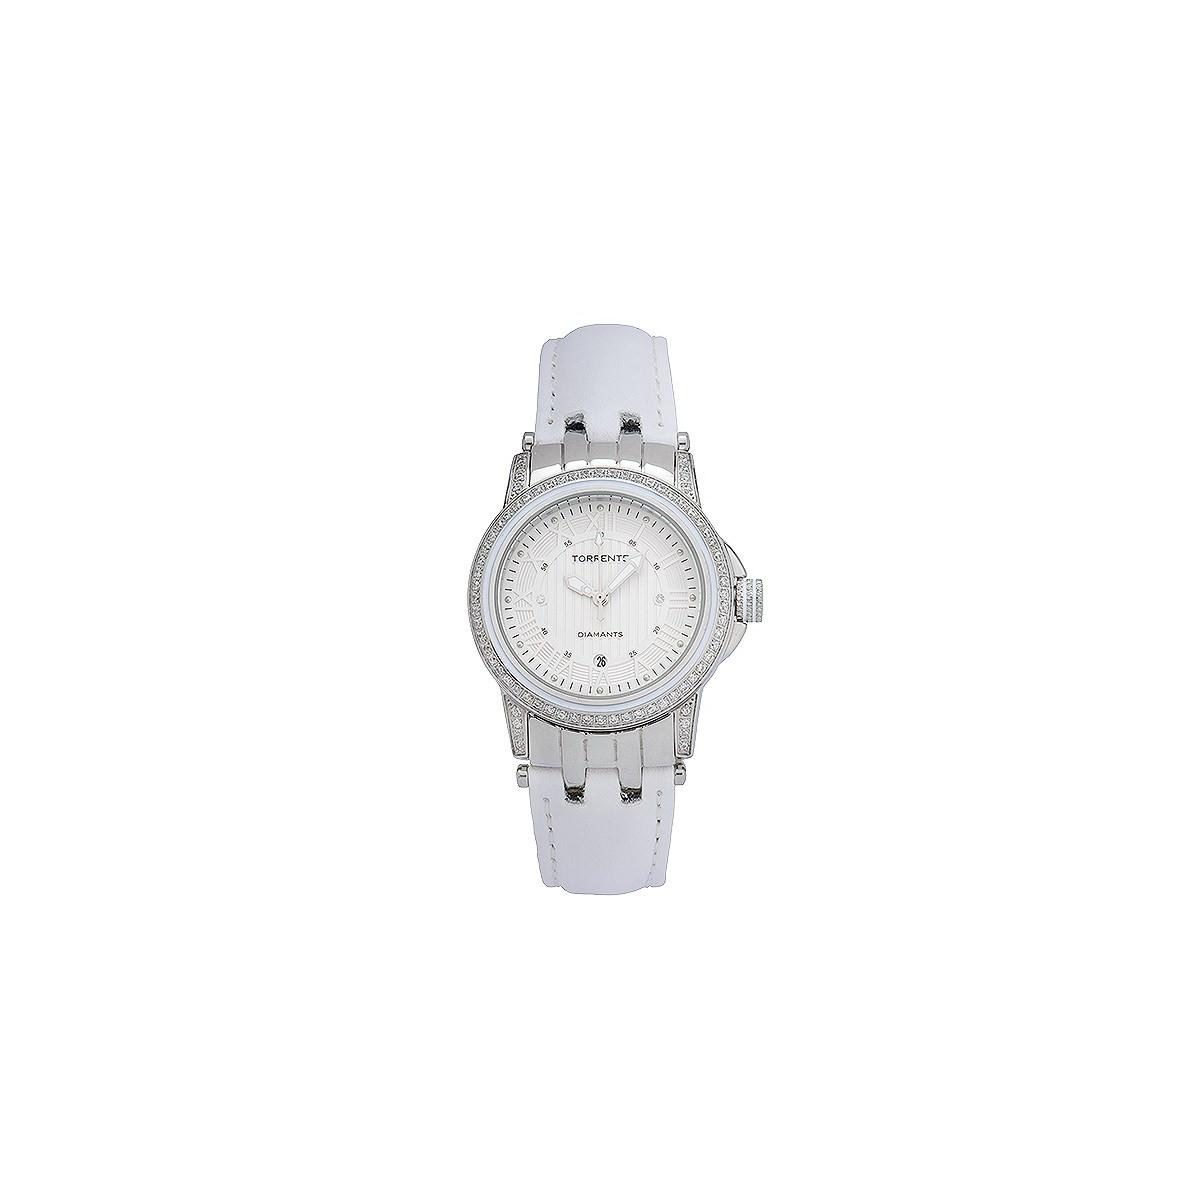 Carats Torrente Acier Magnetic 0 Cadran Montre Diamants Boîtier Blanc Cuir 01 Bracelet N0ymnOvP8w